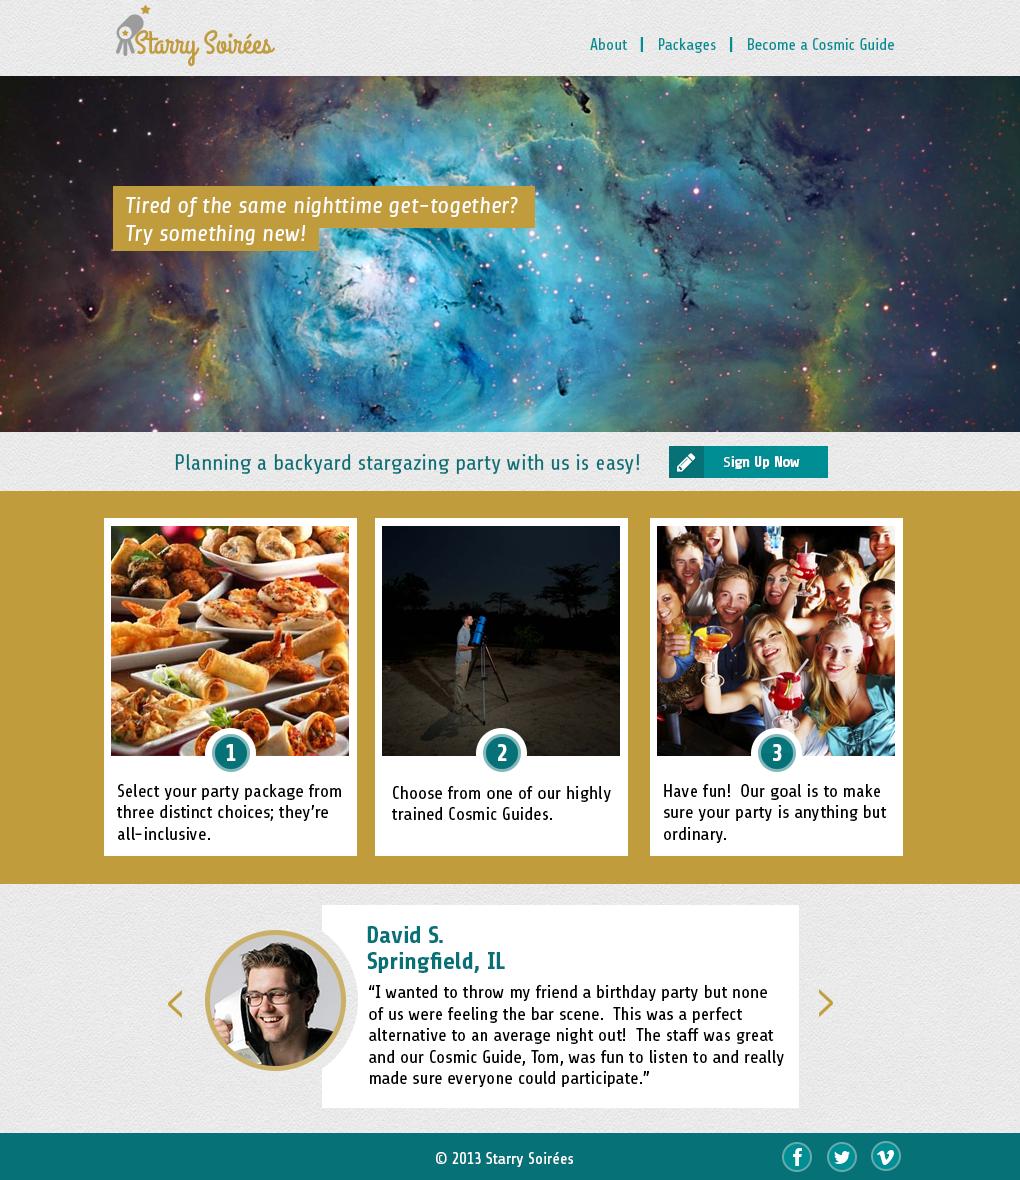 Starry Soireés - image 3 - student project